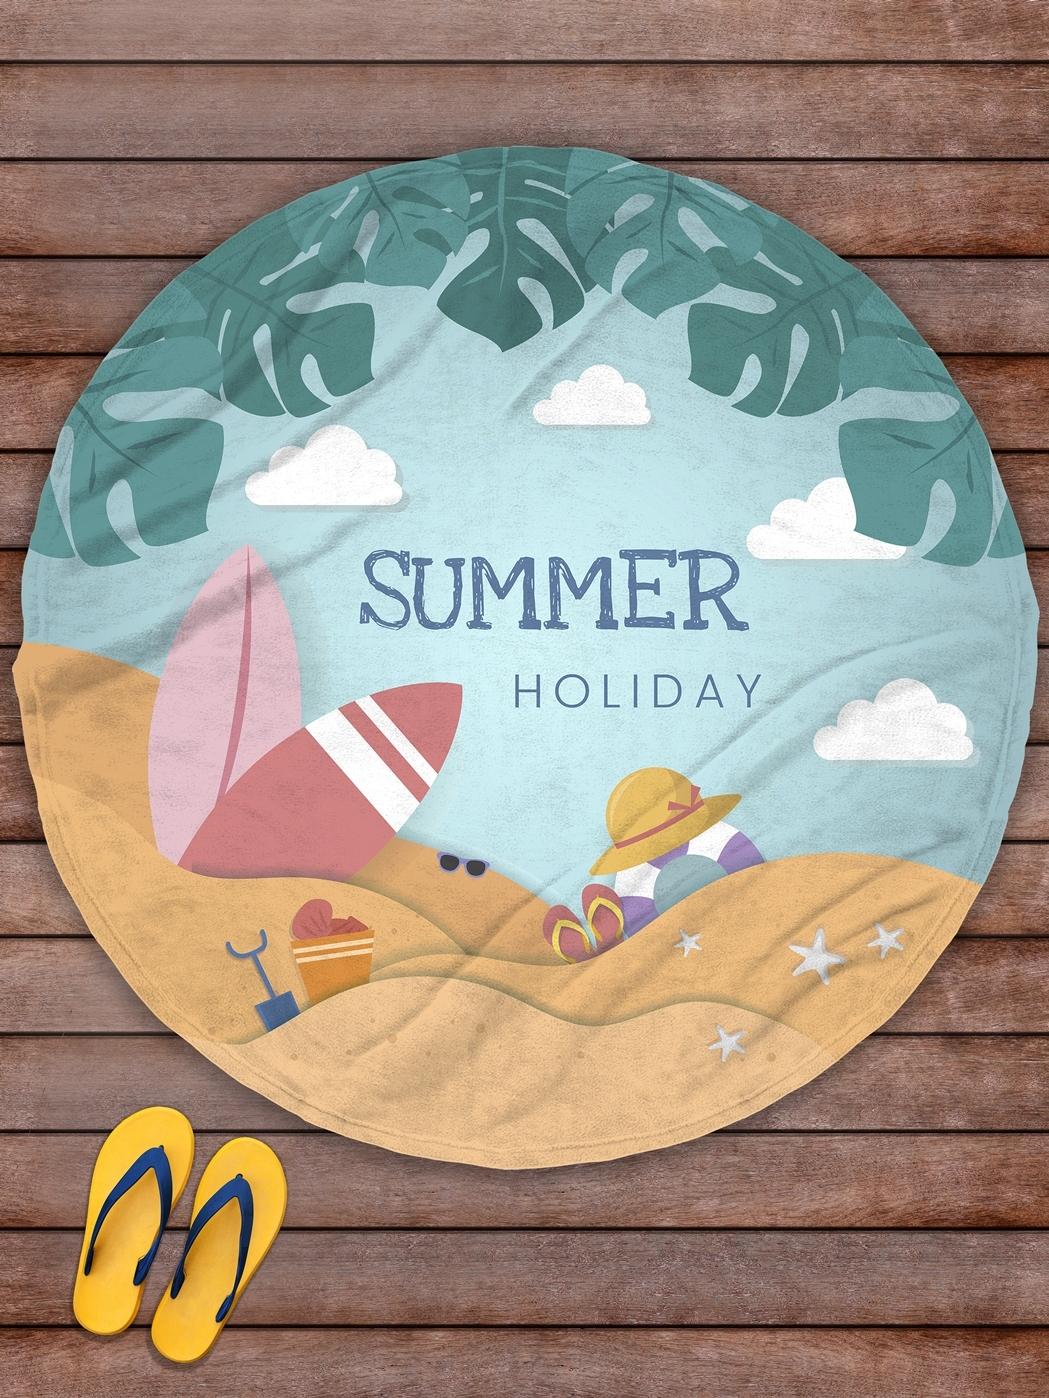 Плед покрывало пляжное для пикника флис д.145 Summer Holiday- обзор, преимущества, отзывы. Заказать товар за 1829 руб. Бренд sfer.tex